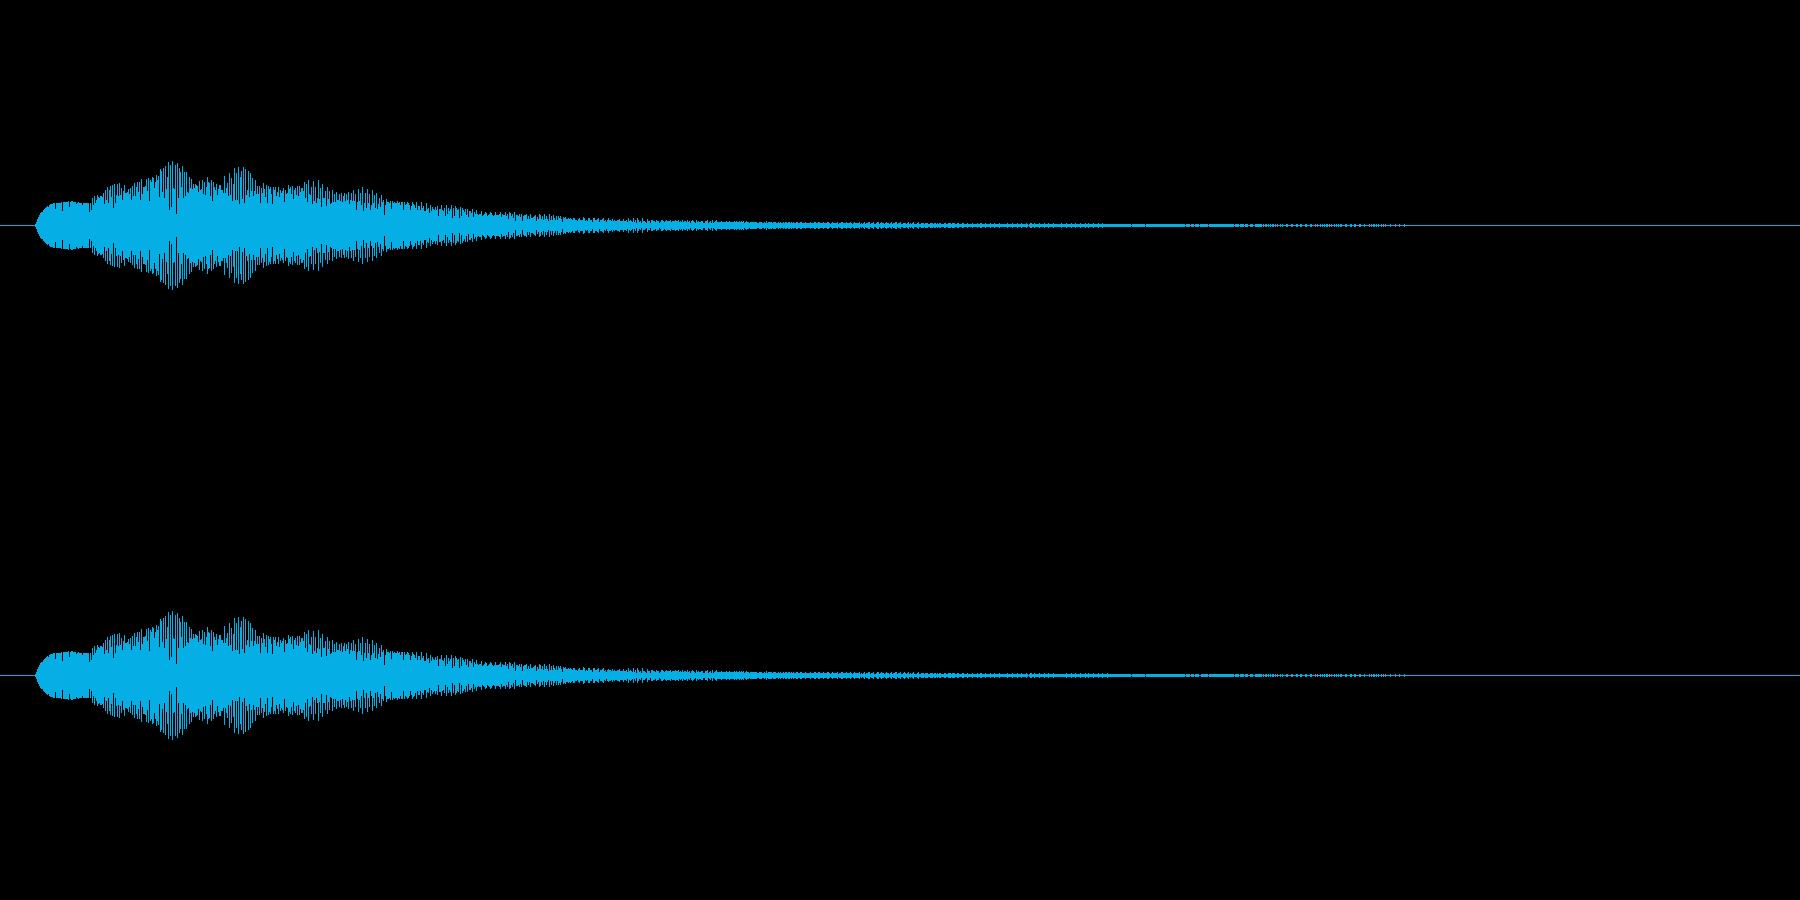 ゲーム向けアイテムゲット音。決定音にも…の再生済みの波形